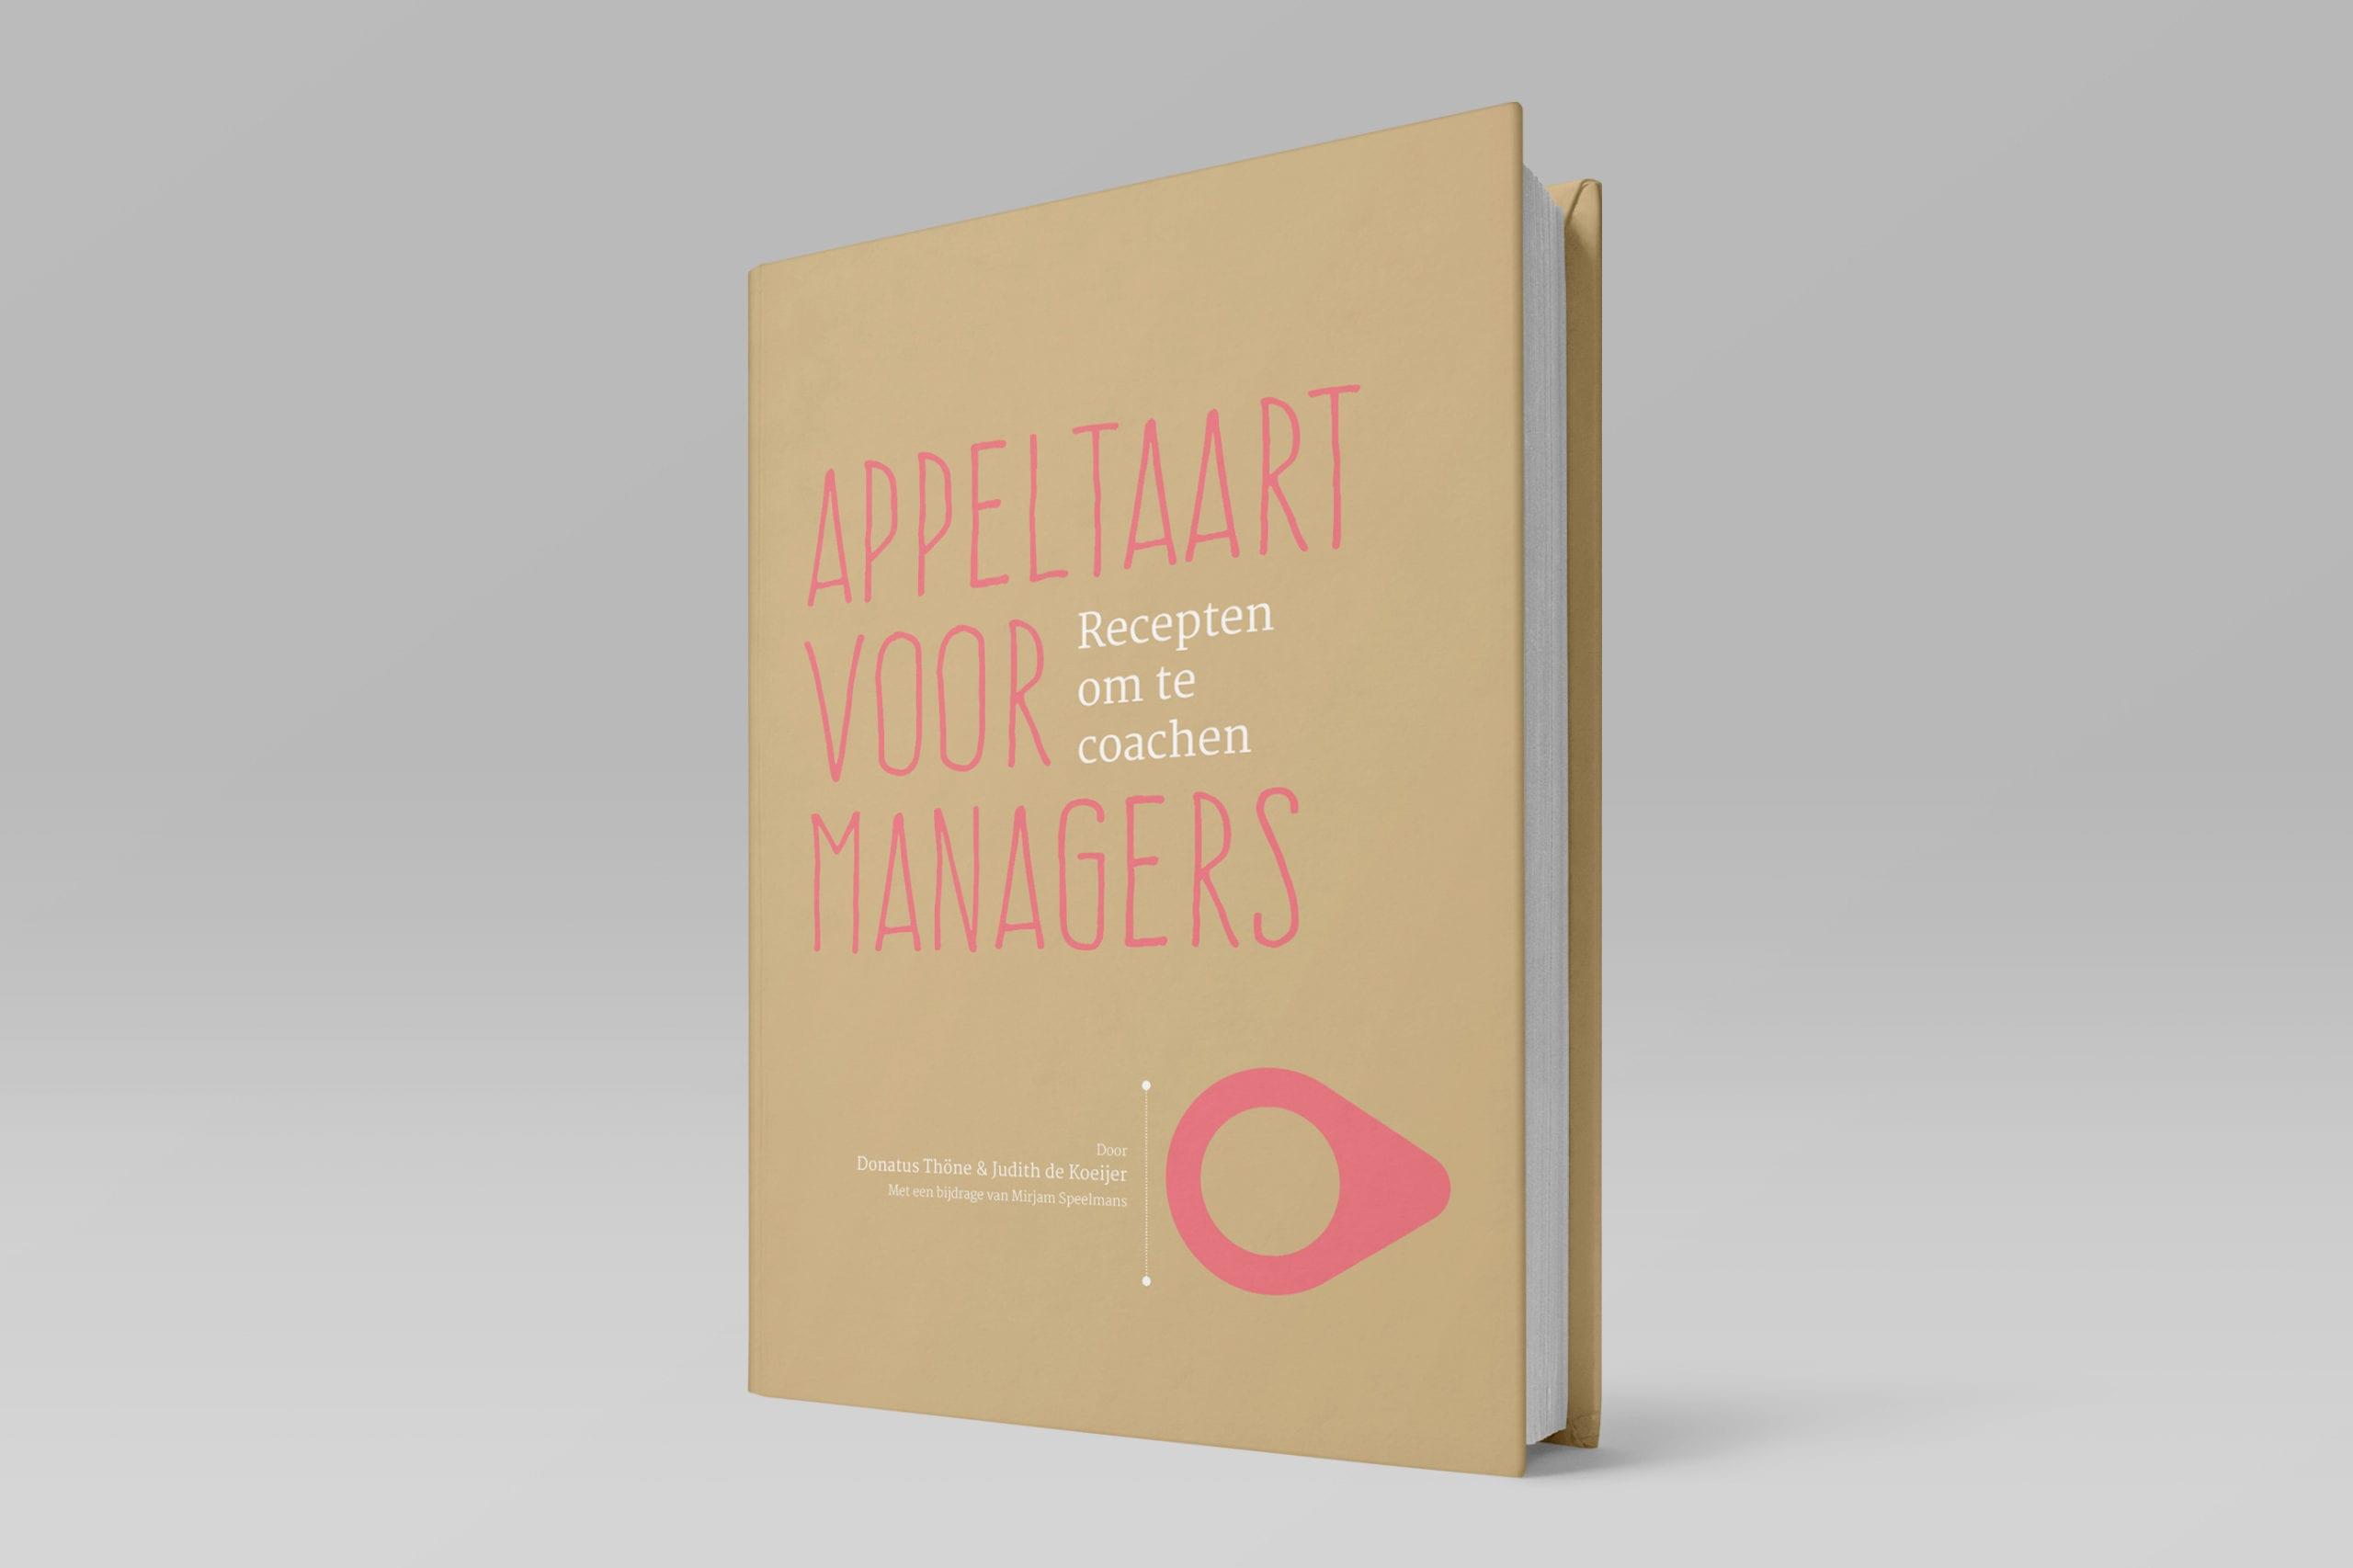 Donatus-Thone-Appeltaart-voor-managers-recepten-om-te-coachen